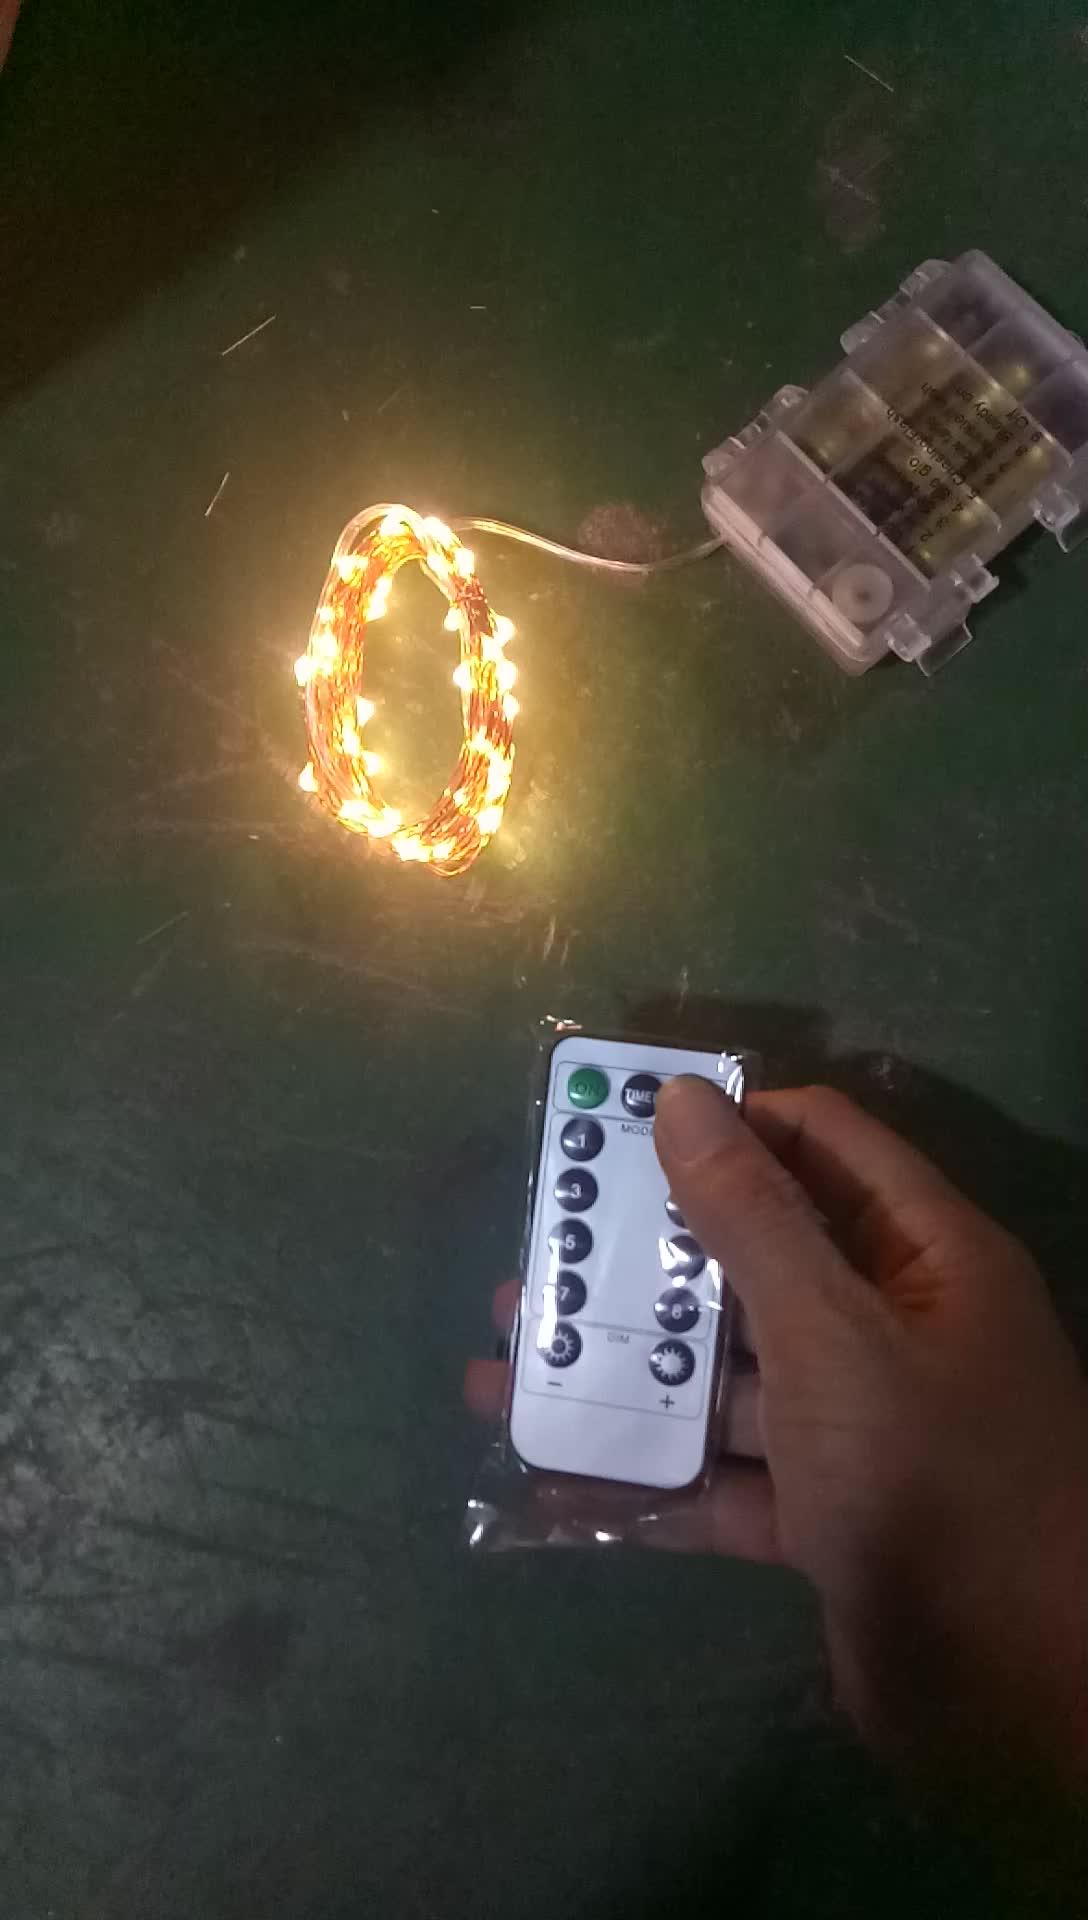 Prese di fabbrica 33ft 100 led impermeabile luci della stringa garland con wifi remote controller all'ingrosso